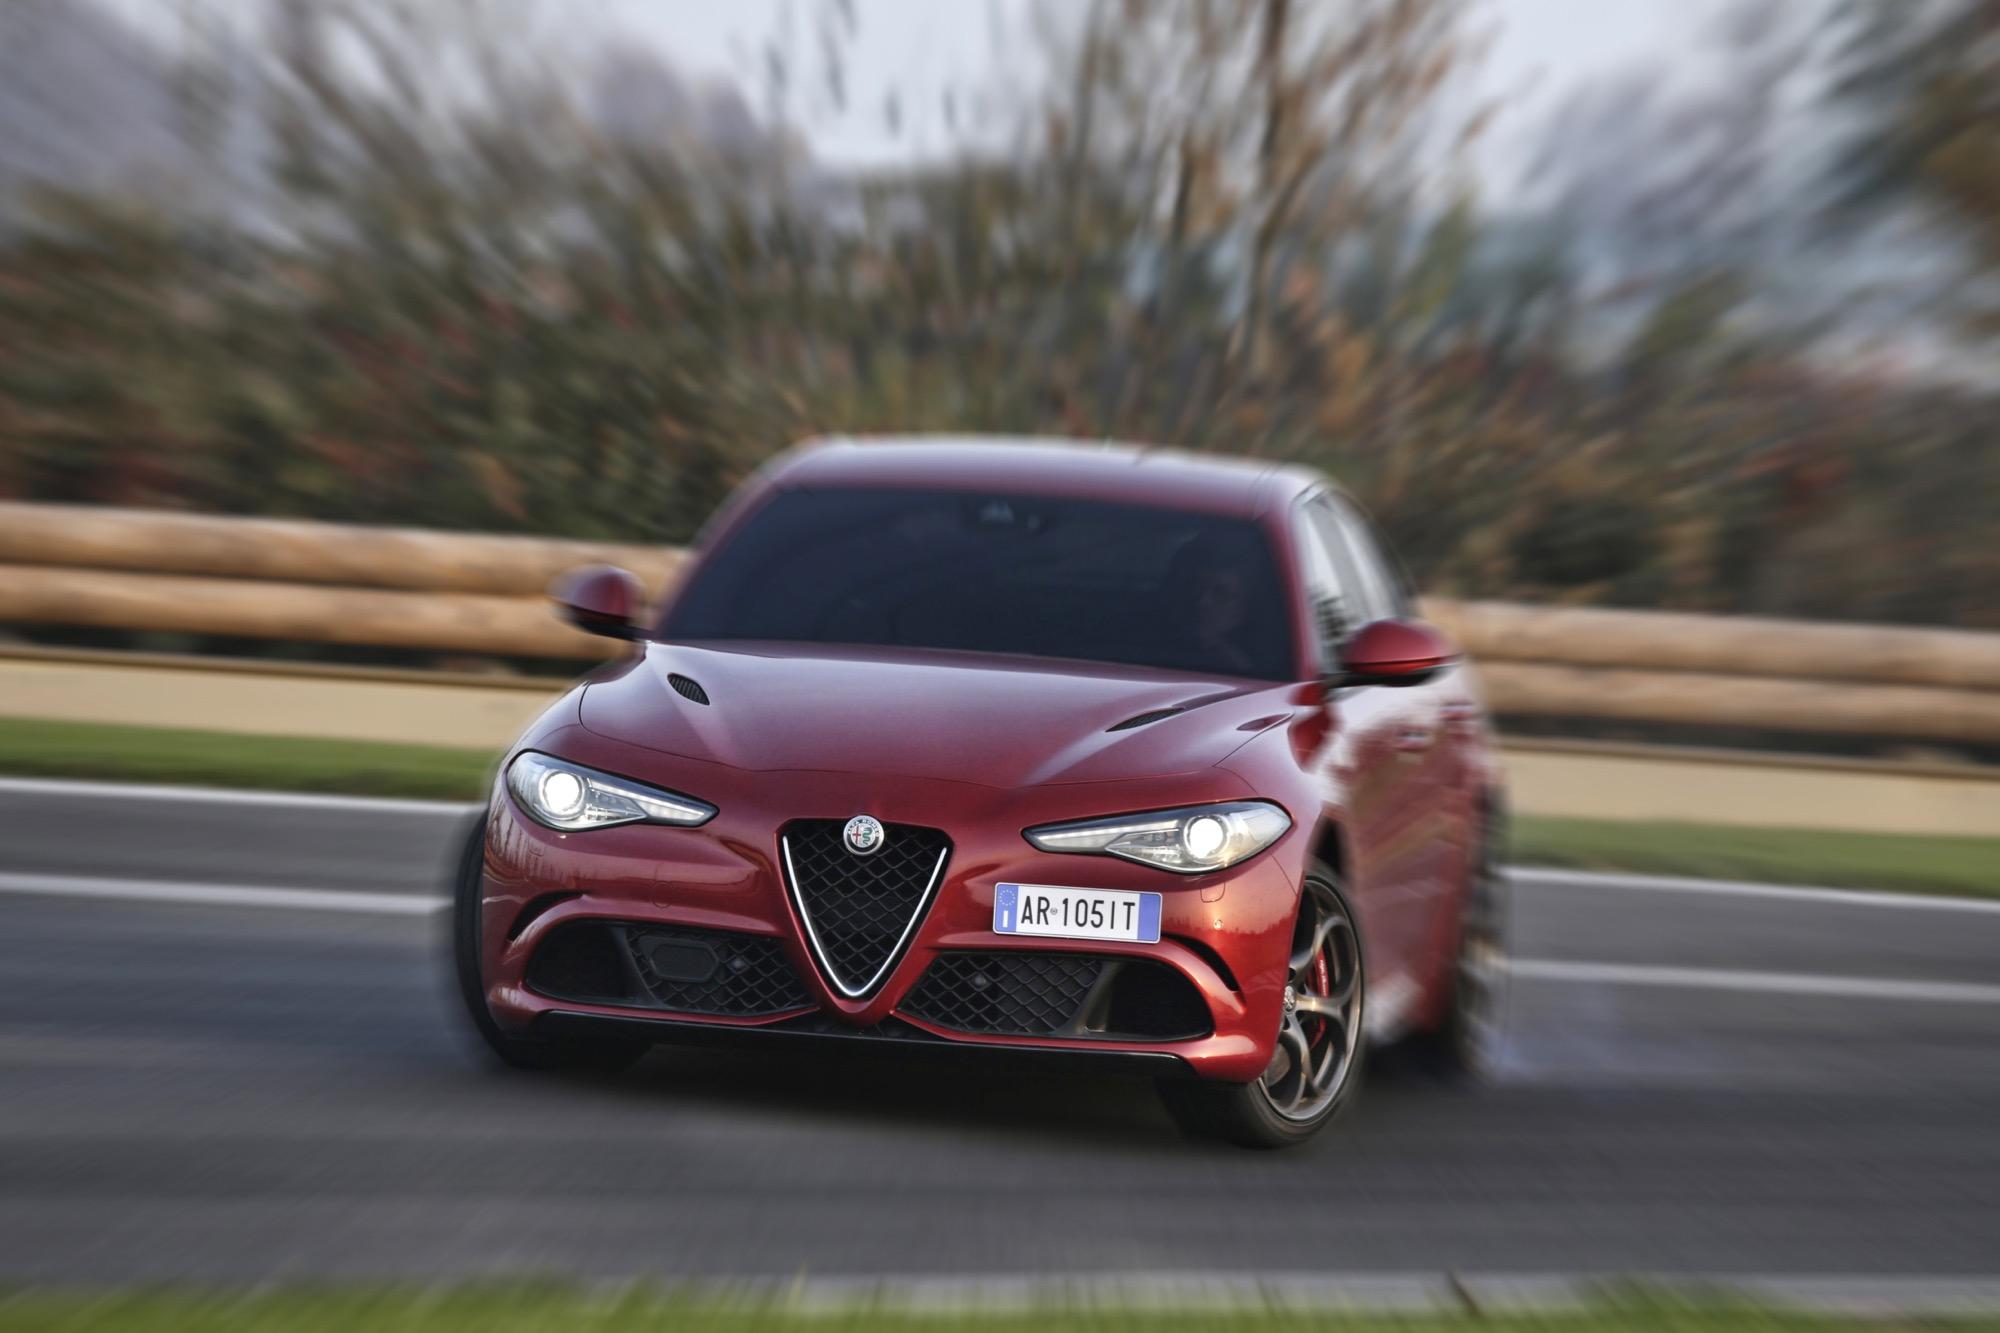 Alfa Romeo Giulia Price >> 2016 Alfa Romeo Giulia Quadrifoglio Review - photos | CarAdvice